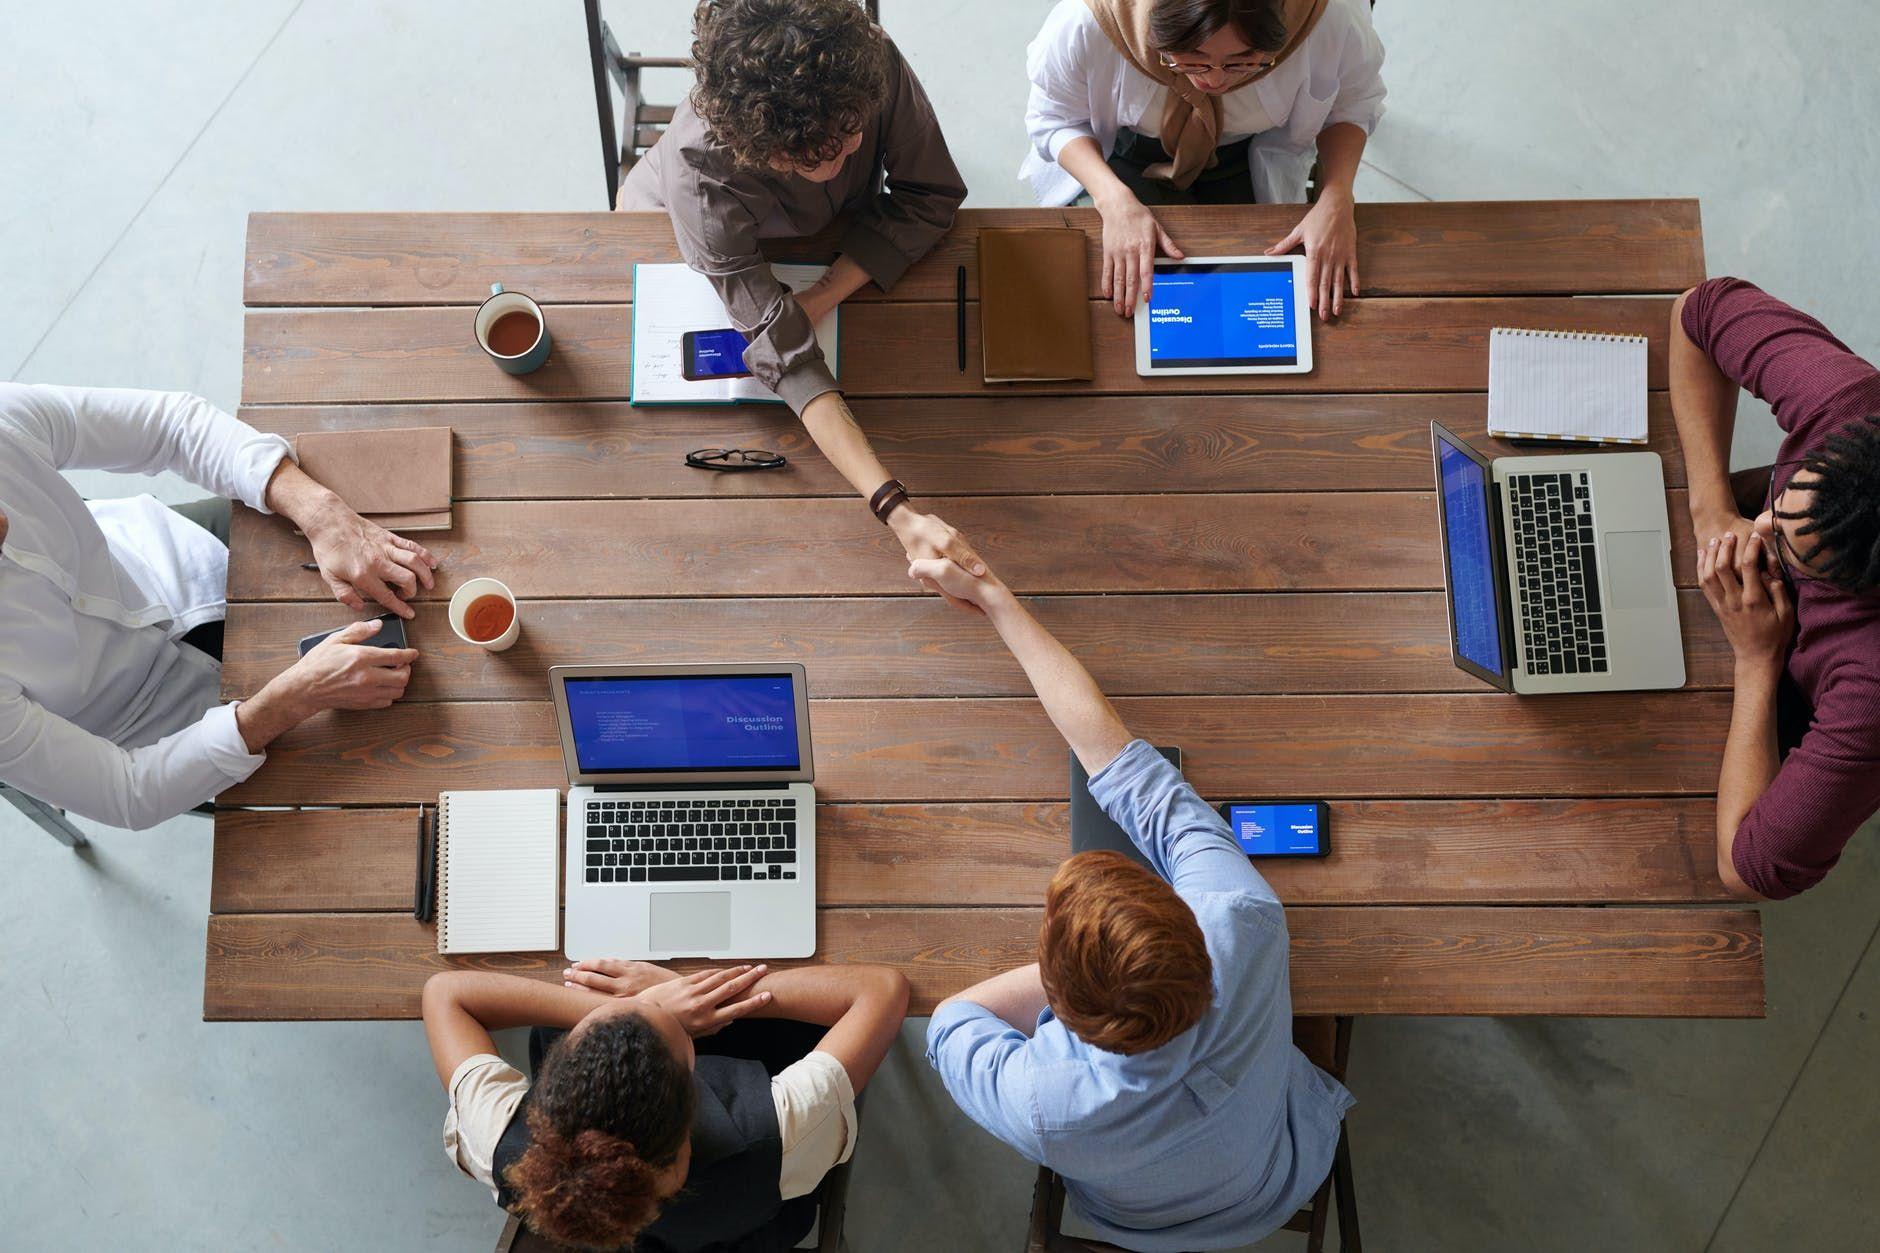 Корпоративный интернет: как выбрать провайдера и учесть все нюансы